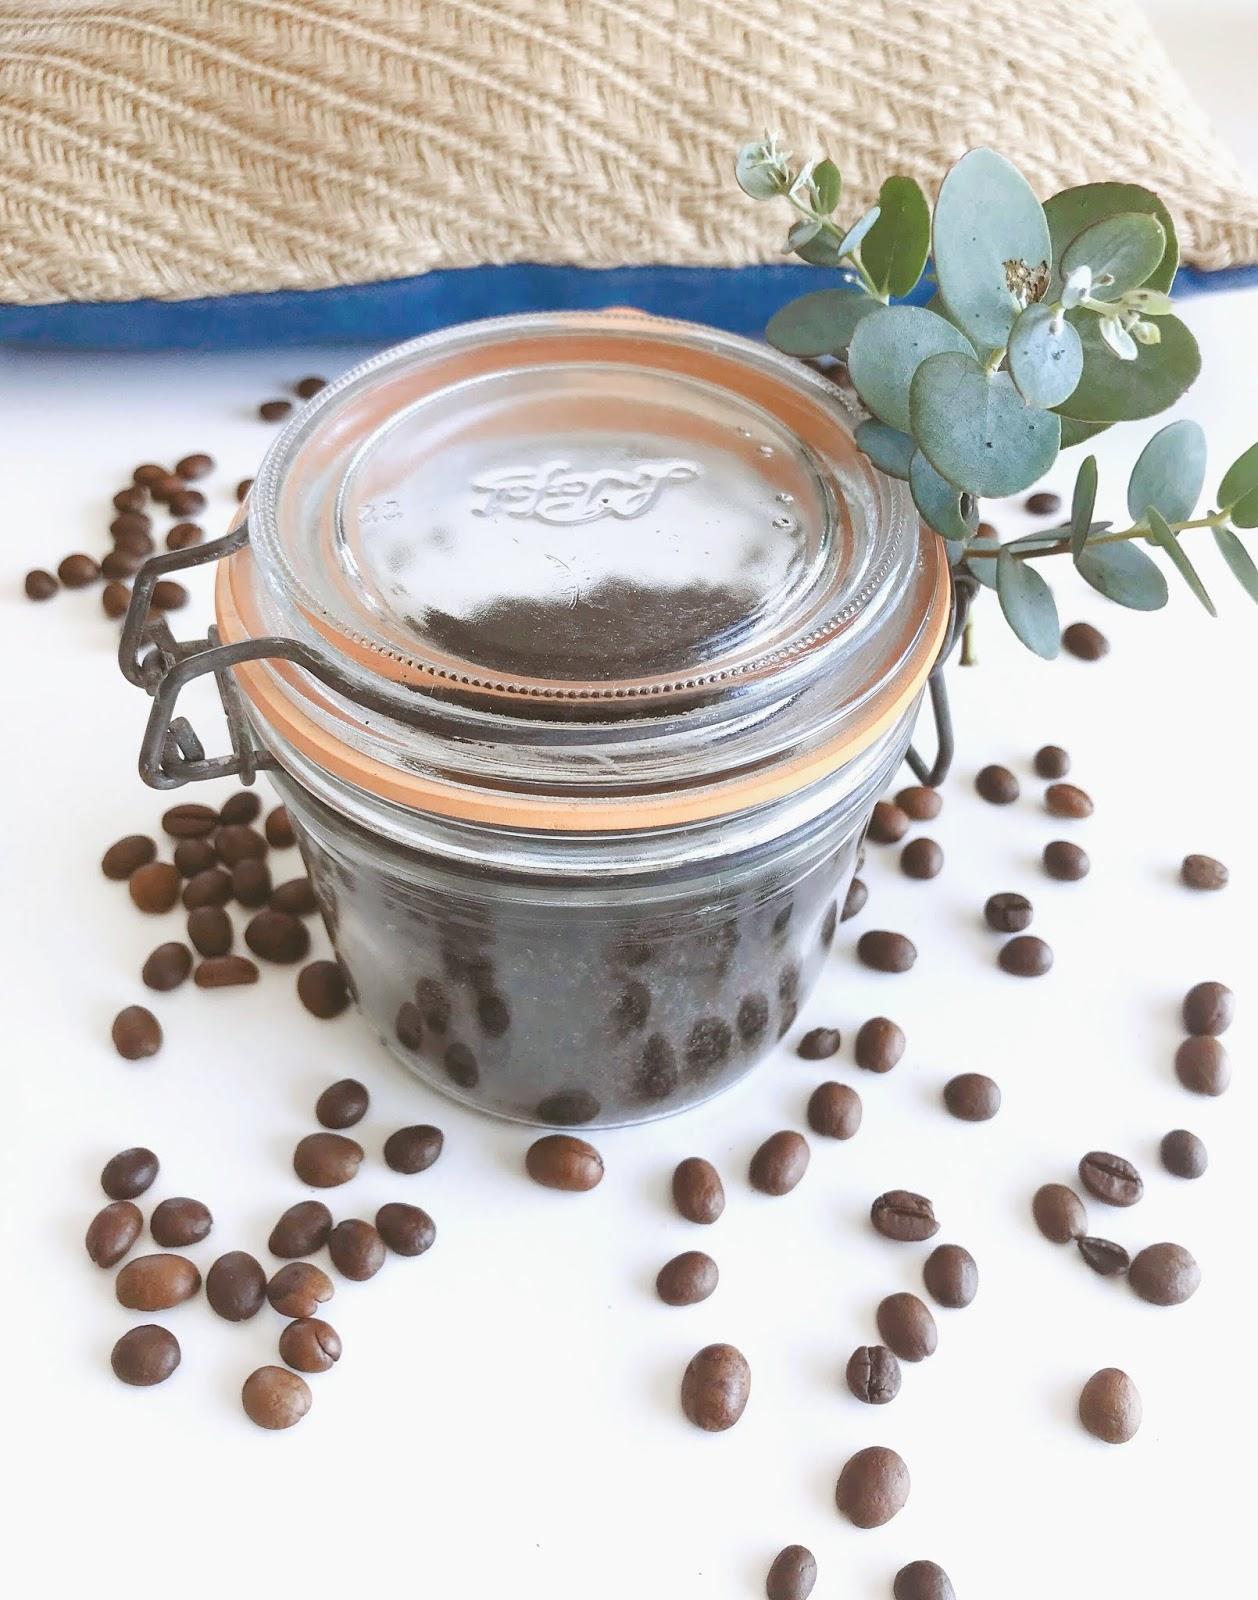 Diy gommage exfoliant maison au marc de café pour le corps